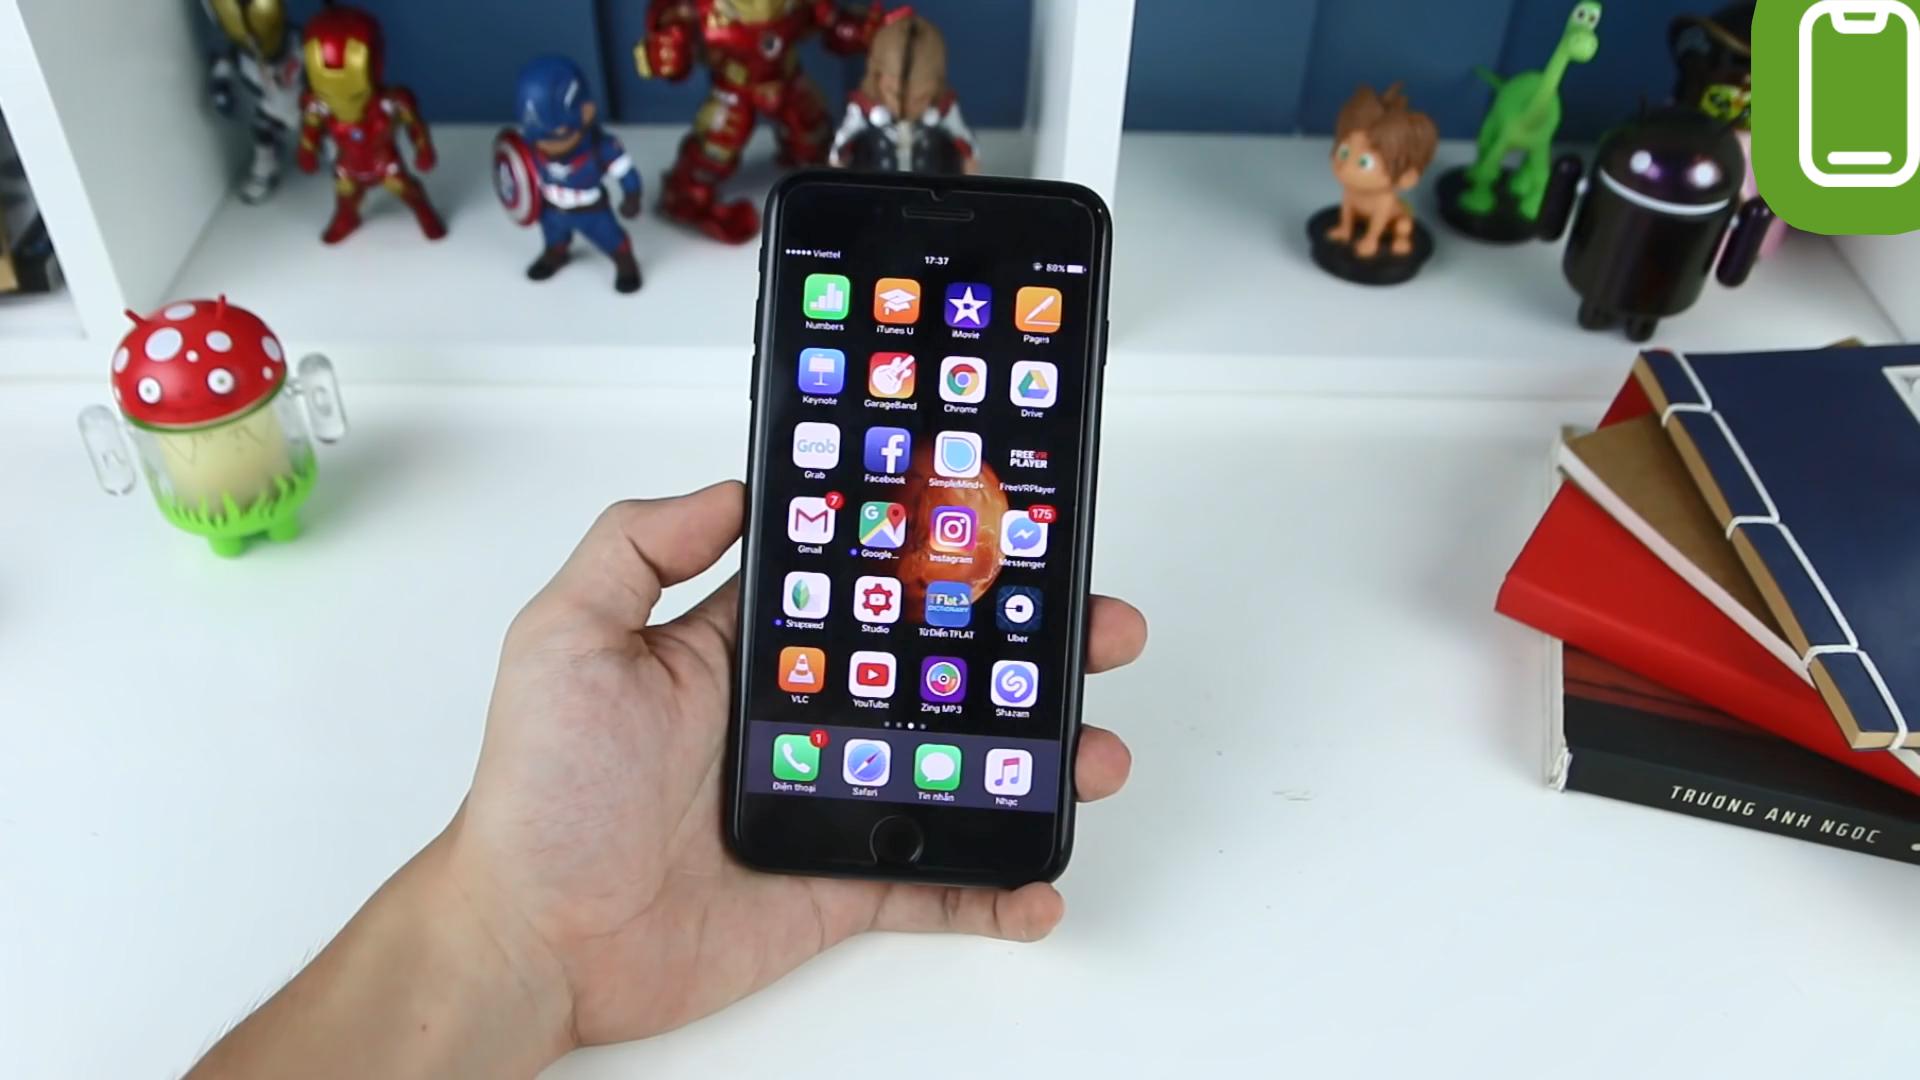 Đánh giá chi tiết iPhone 7 Plus - Ảnh 9